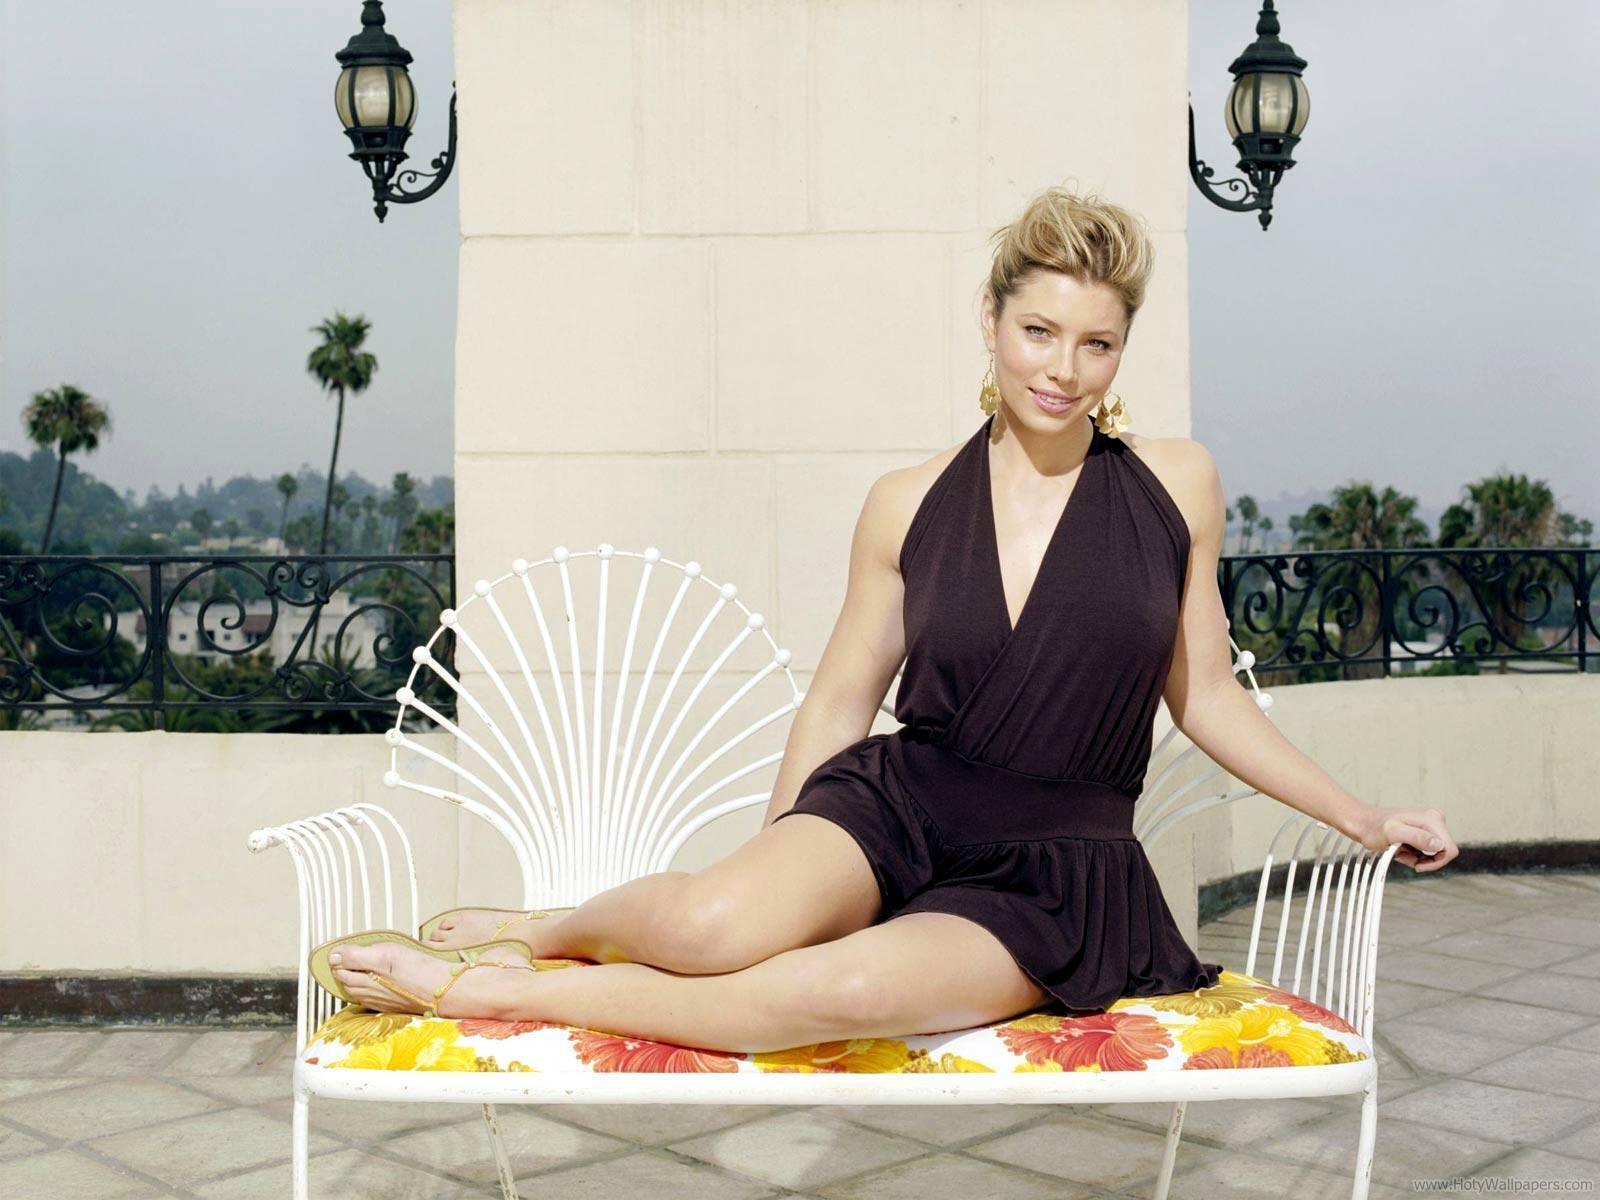 http://3.bp.blogspot.com/-jE9fKRzqEgU/TracAN02v_I/AAAAAAAAPfI/qPcCgdZRLgo/s1600/jessica_biel_actress_hd_wallpaper-03-1600x1200.jpg